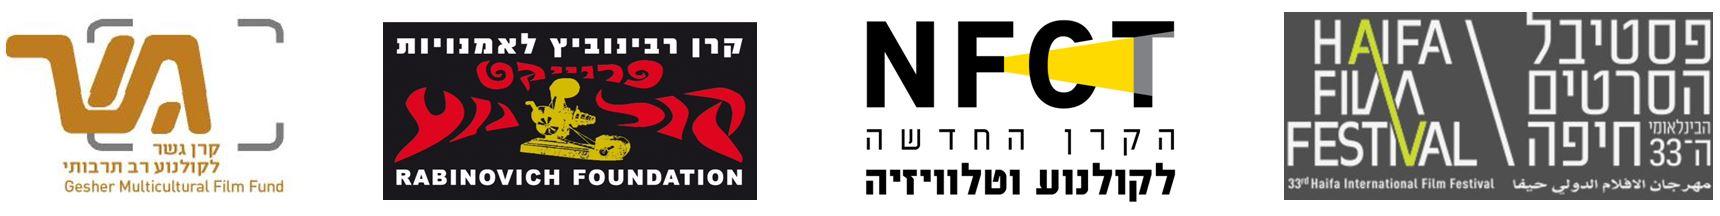 לוגו פיצ' חיפה